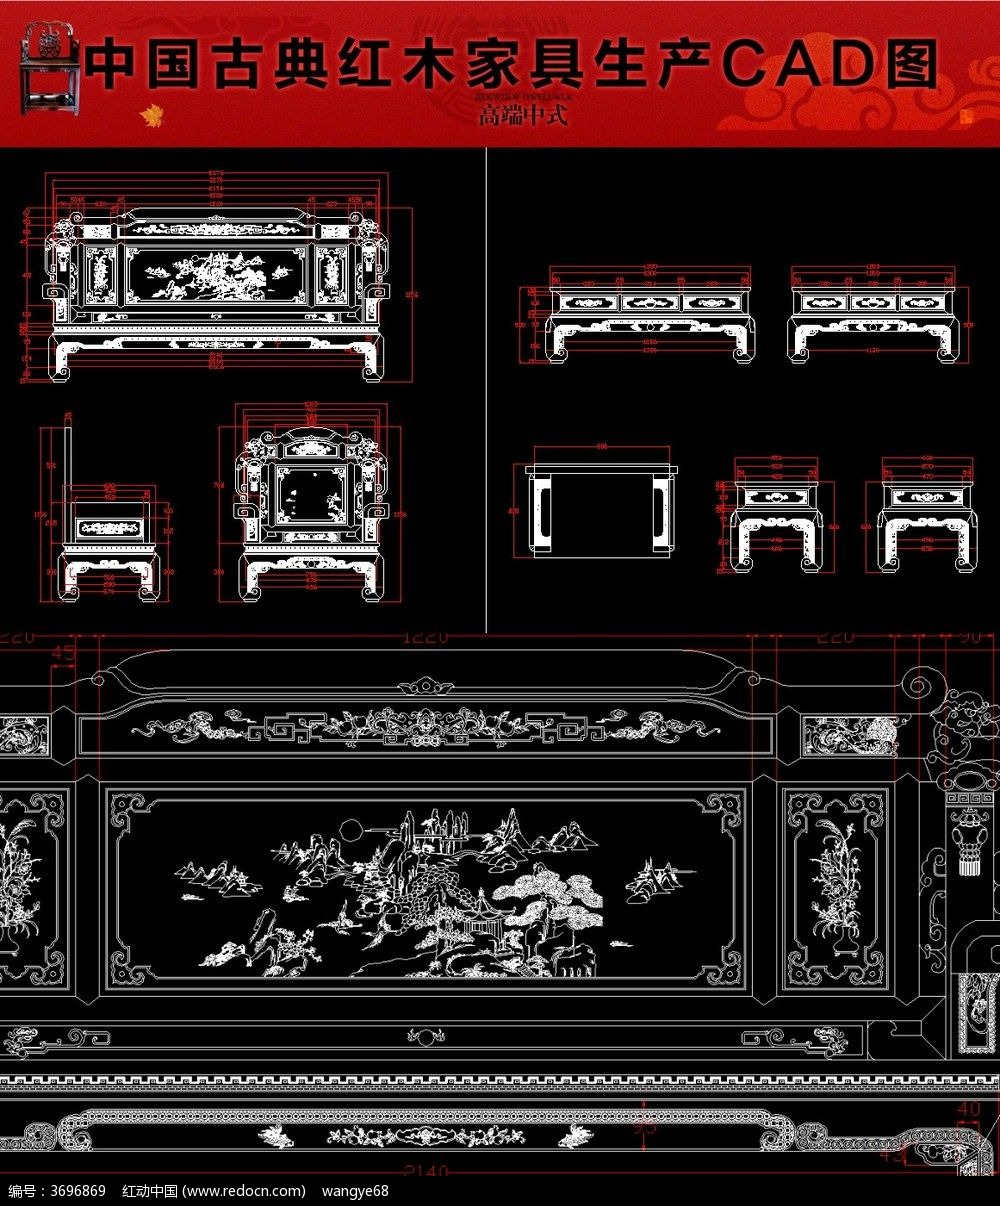 五福沙发红木家具生产cad图